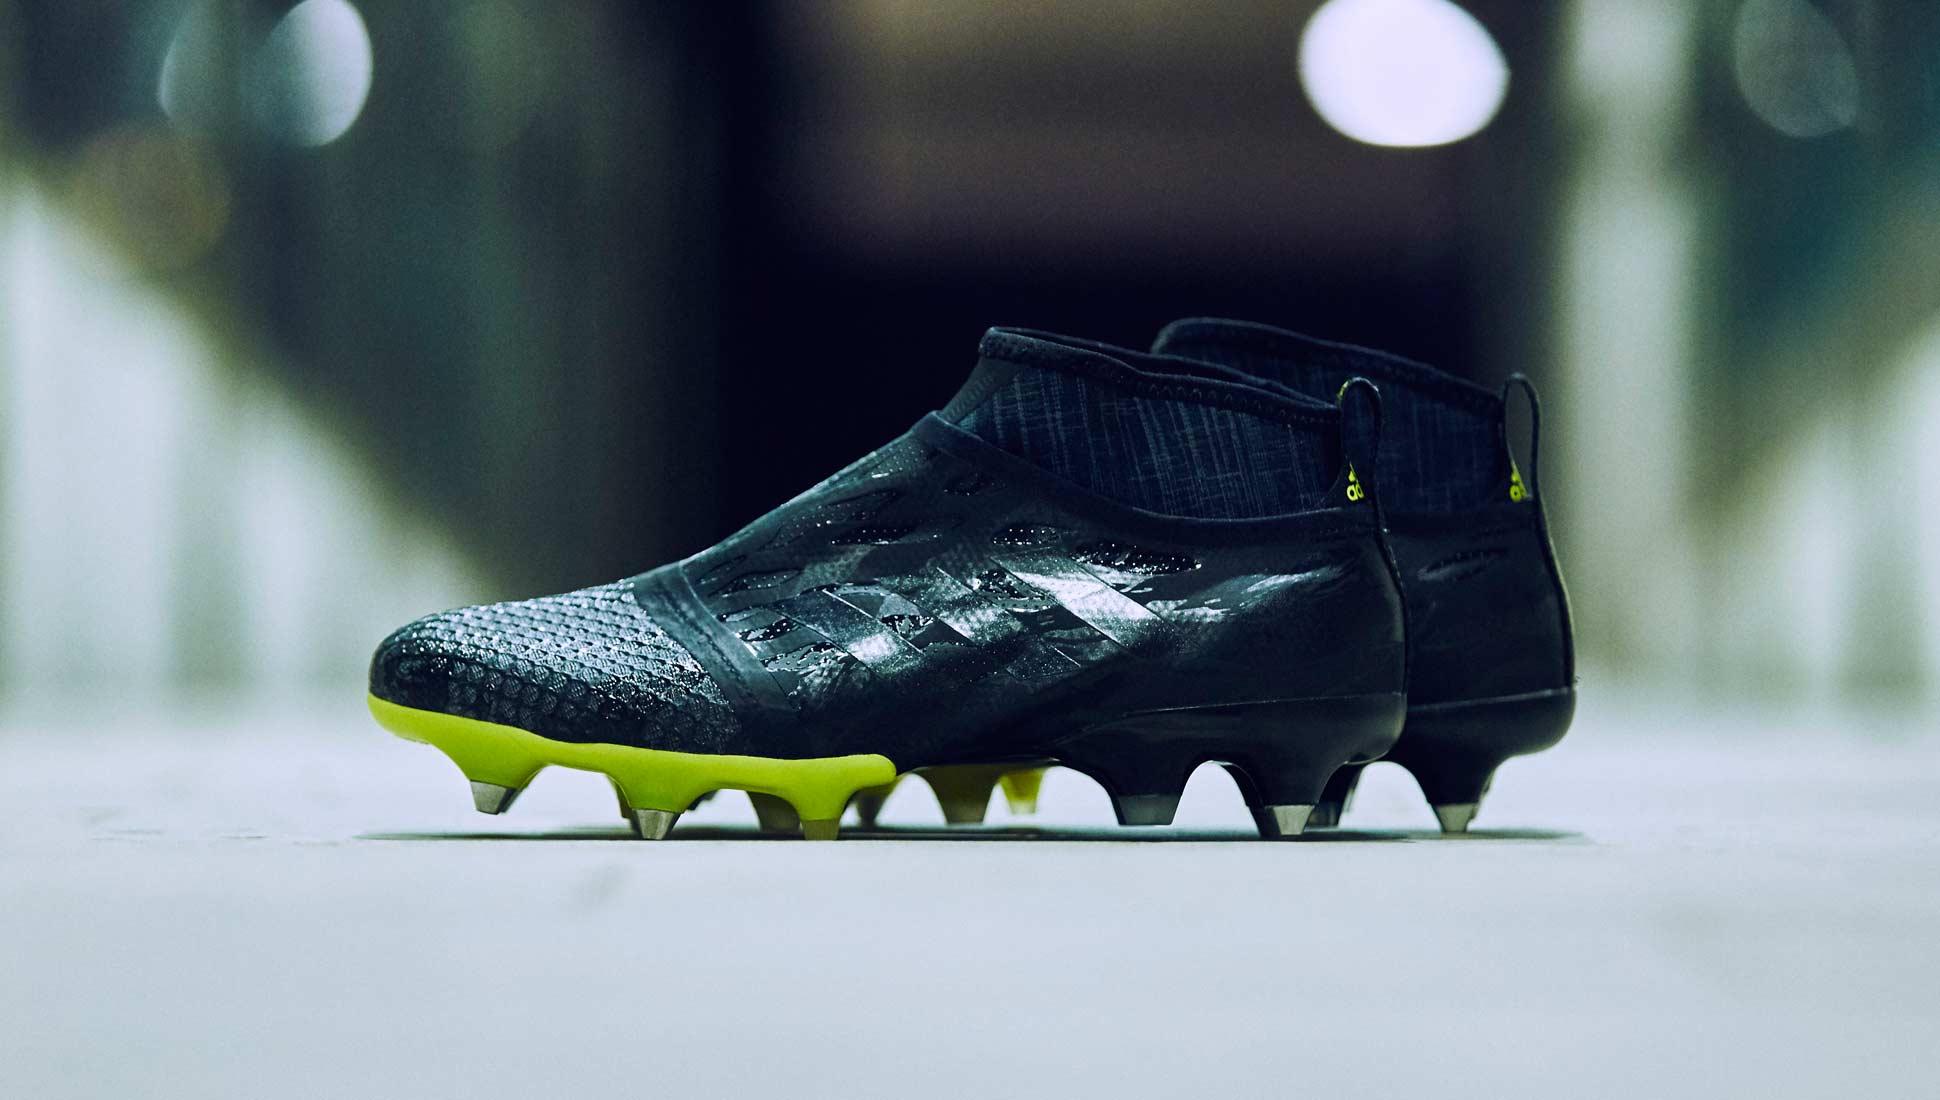 chaussures-adidas-glitch-mirage-noir-jaune-img1